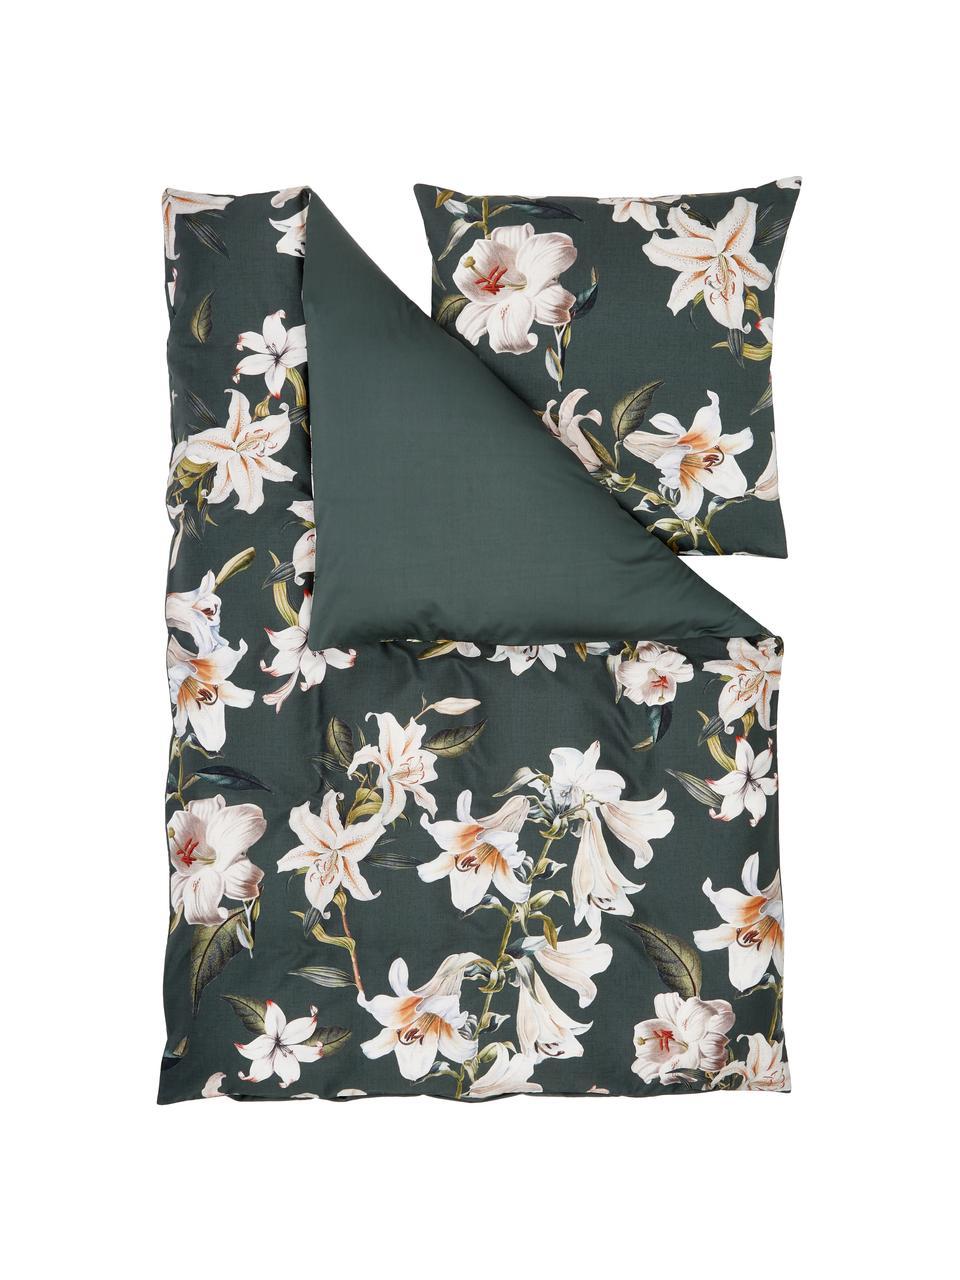 Baumwollsatin-Bettwäsche Flori in Dunkelgrün mit Blumen-Print, Webart: Satin Fadendichte 210 TC,, Vorderseite: Grün, CremeweißRückseite: Grün, 135 x 200 cm + 1 Kissen 80 x 80 cm